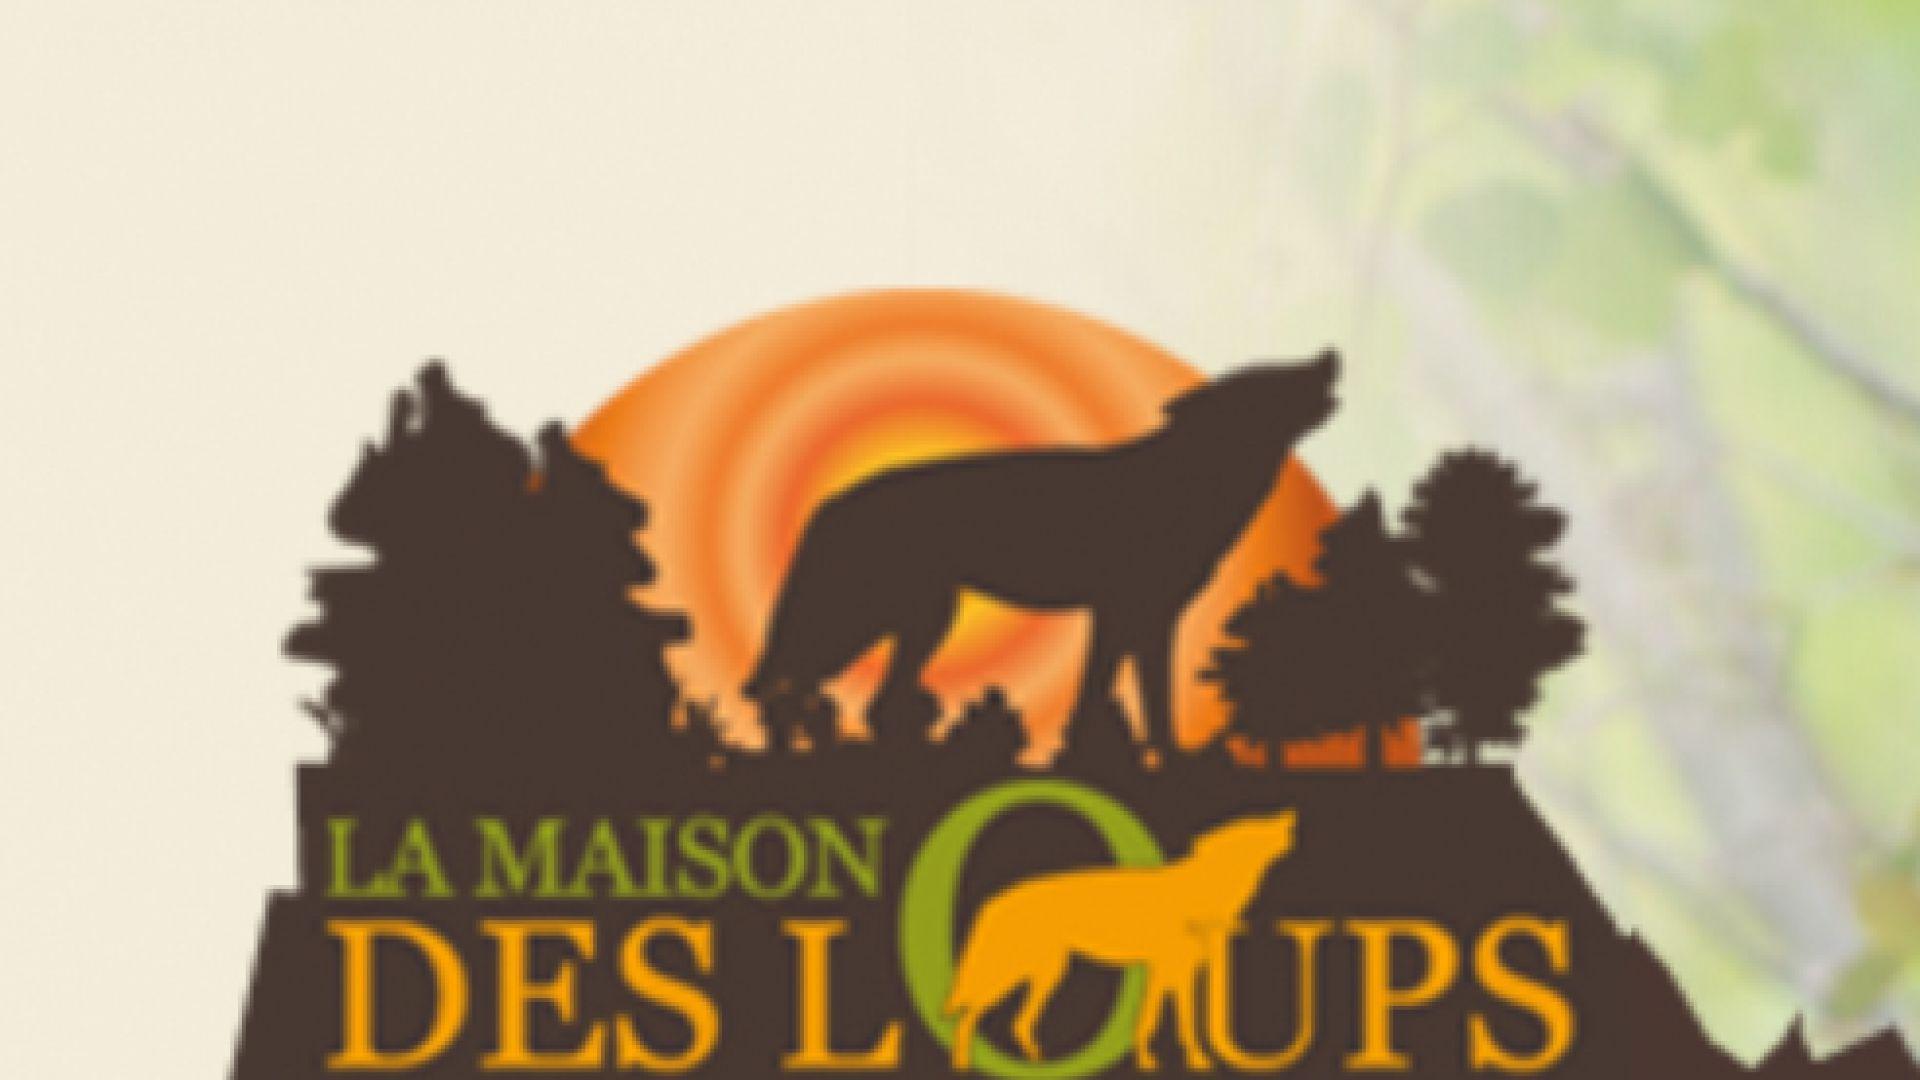 La Maison Des Loups 2021 Horaires Tarifs Animaux A Voir Animations